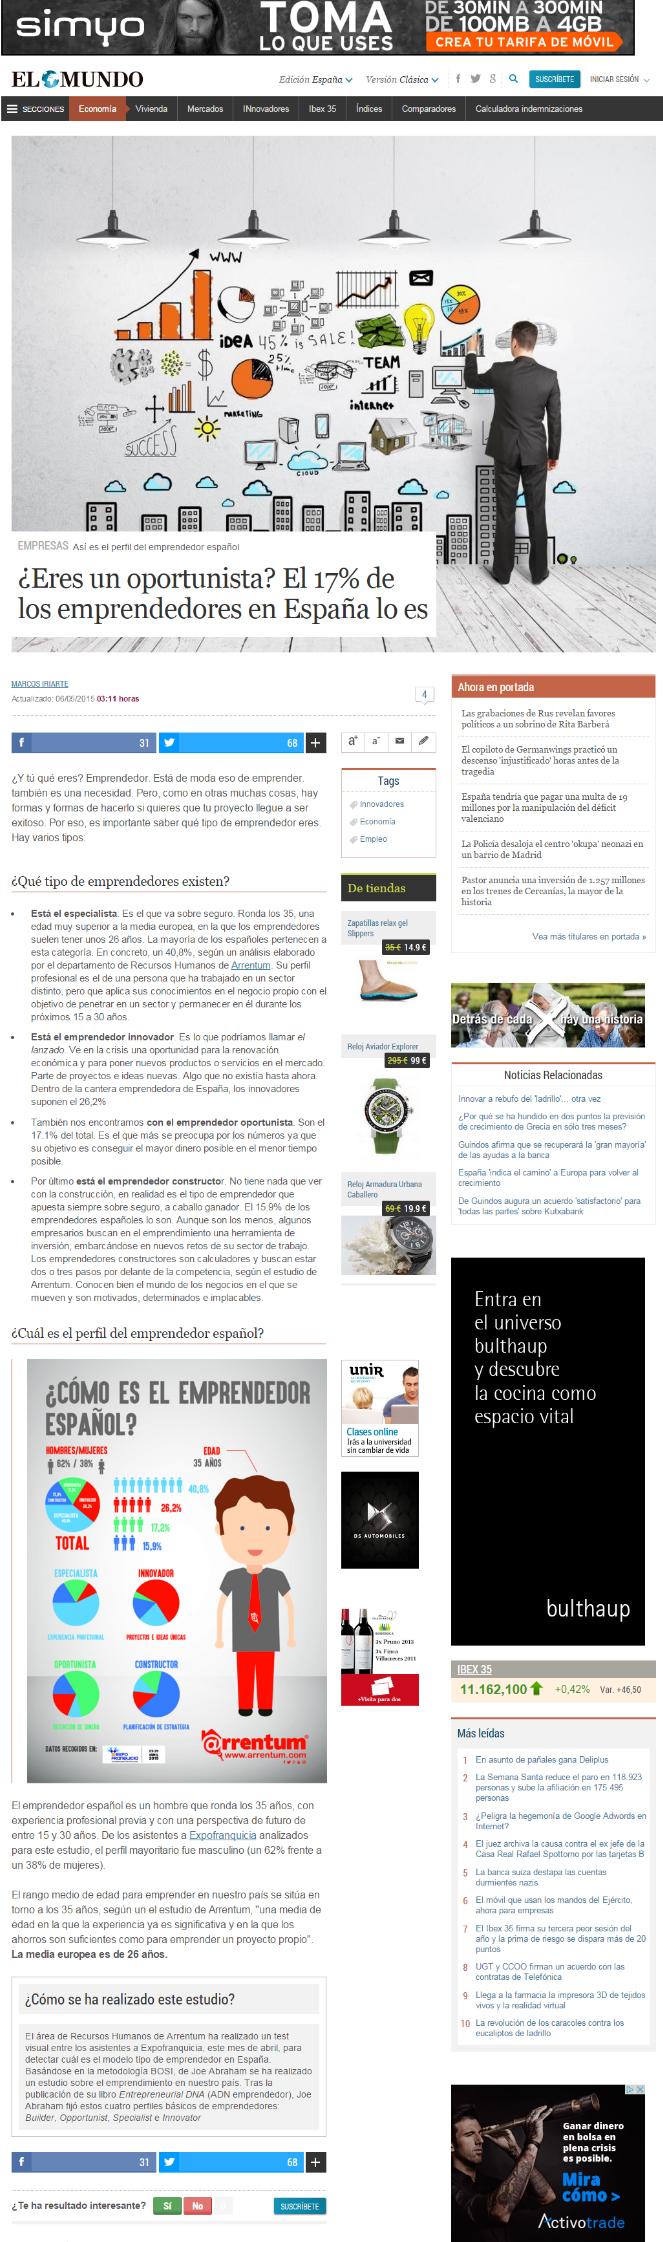 6_05_2015_ElMundo_Internet